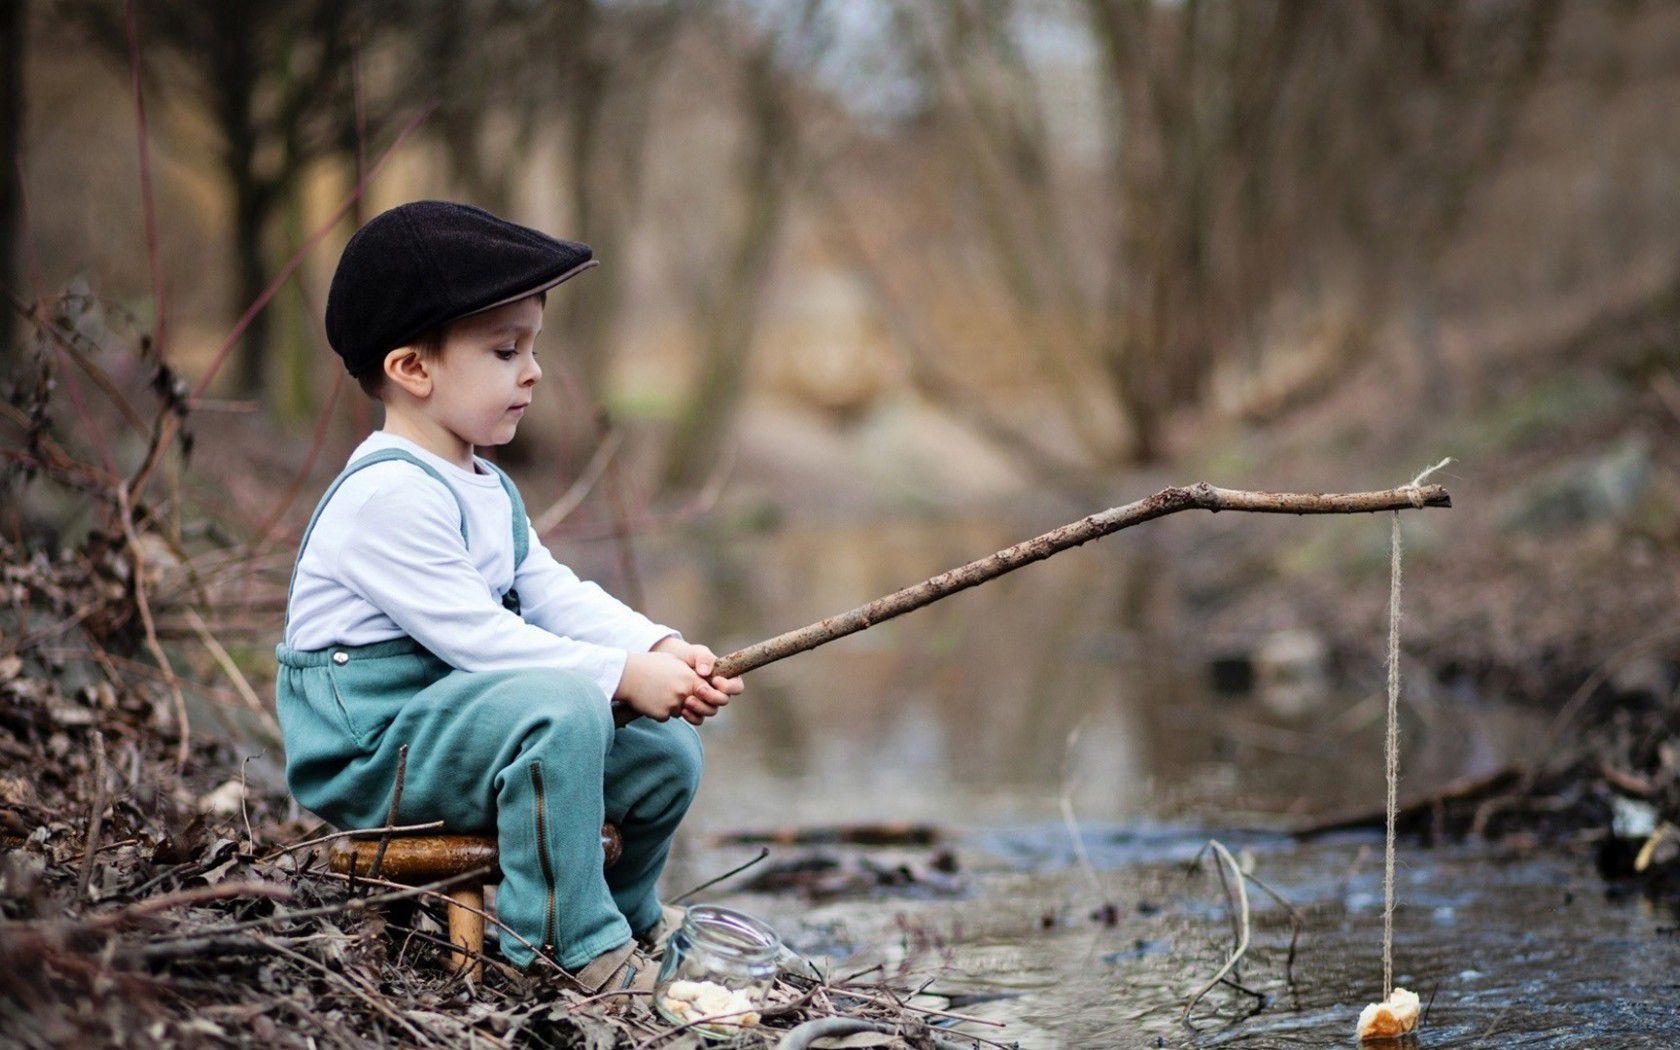 Рыбаки фото для детей